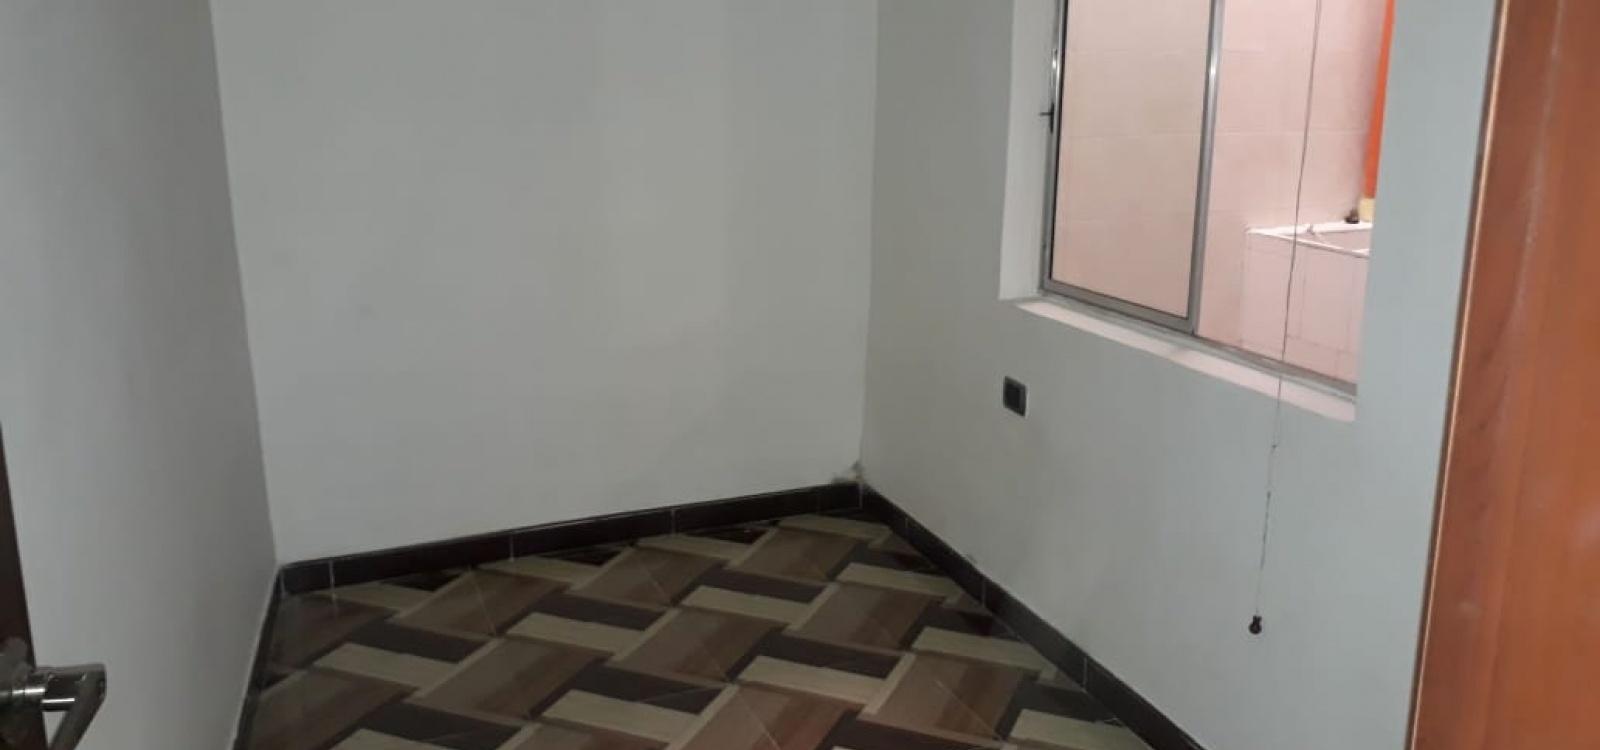 30 17 SUR 35,Bogotá,Sur,SAN JORGE CENTRAL,3 Habitaciones Habitaciones,Apartamentos,35,1598